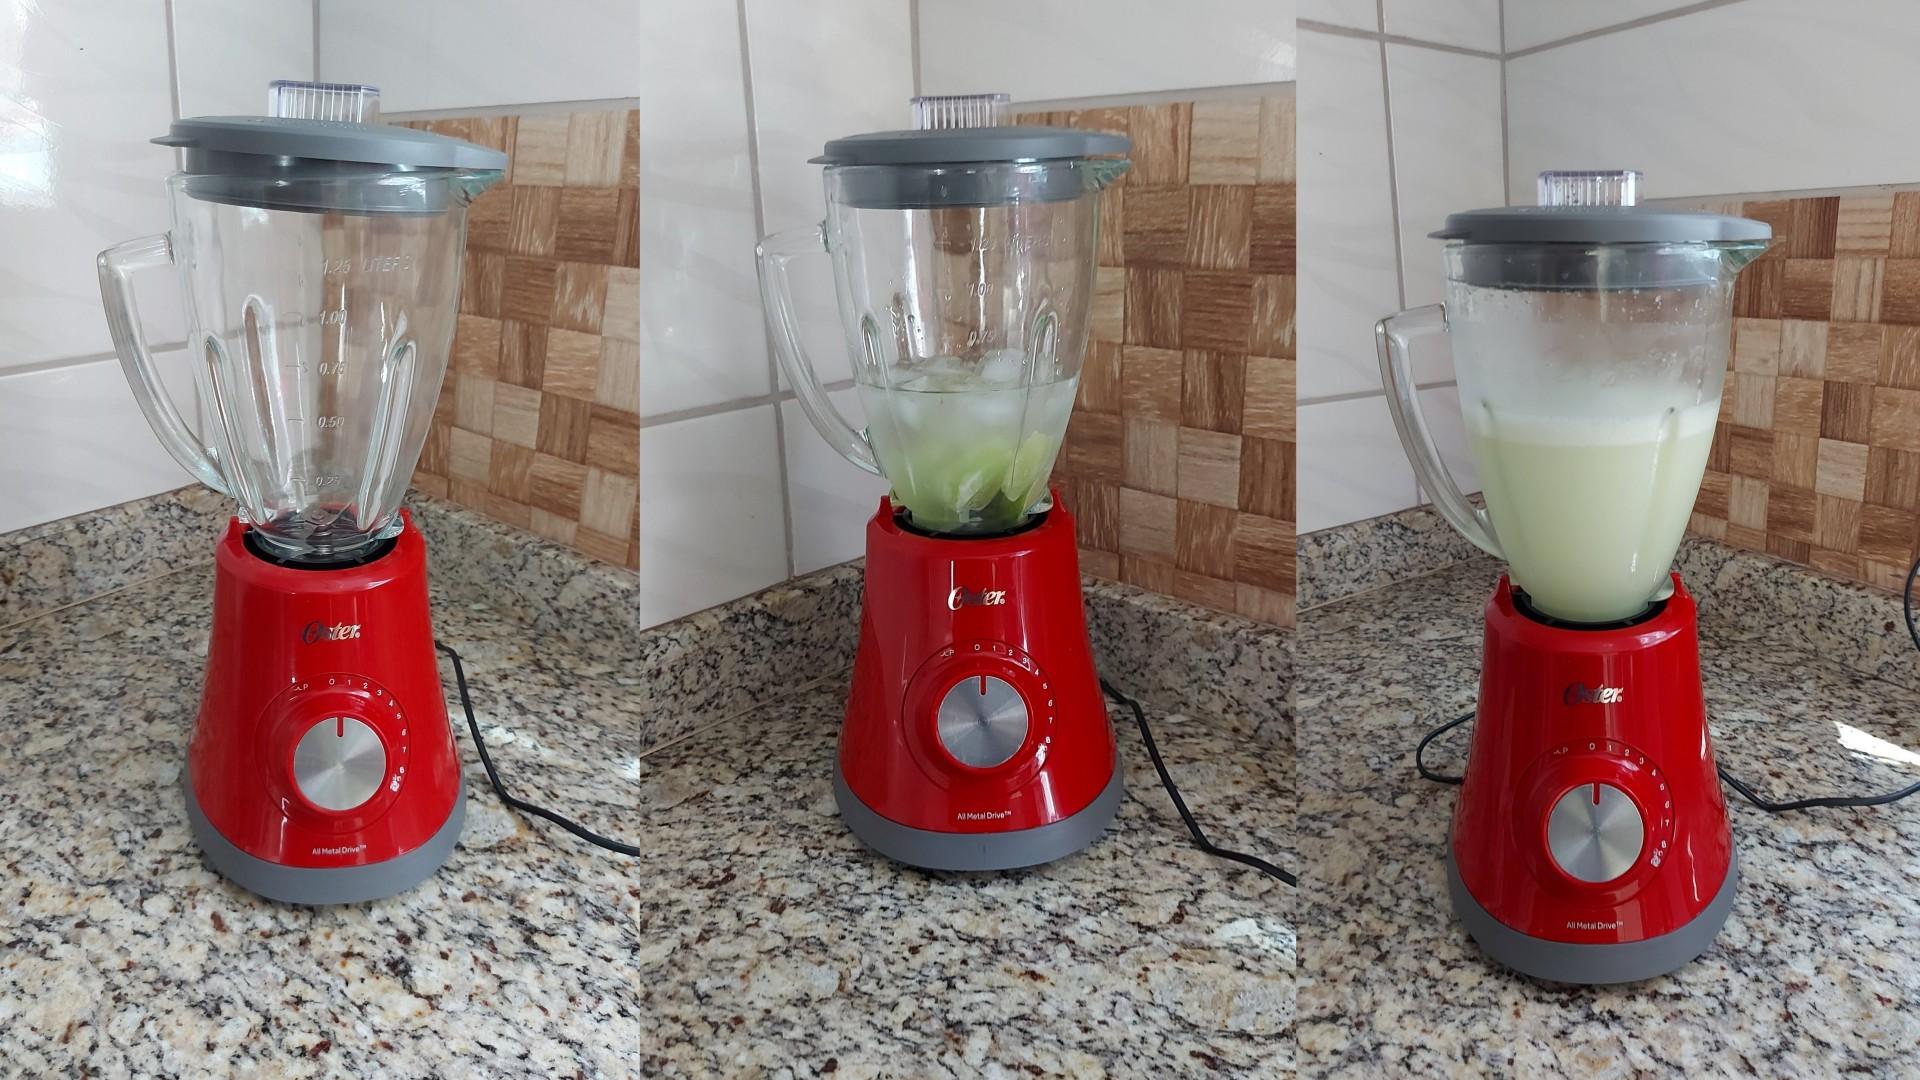 """A tampa do liquidificador Oster Super Chef pode """"escorregar"""" durante o uso (Foto: Acervo Pessoal/Ariel Cristina Borges)"""